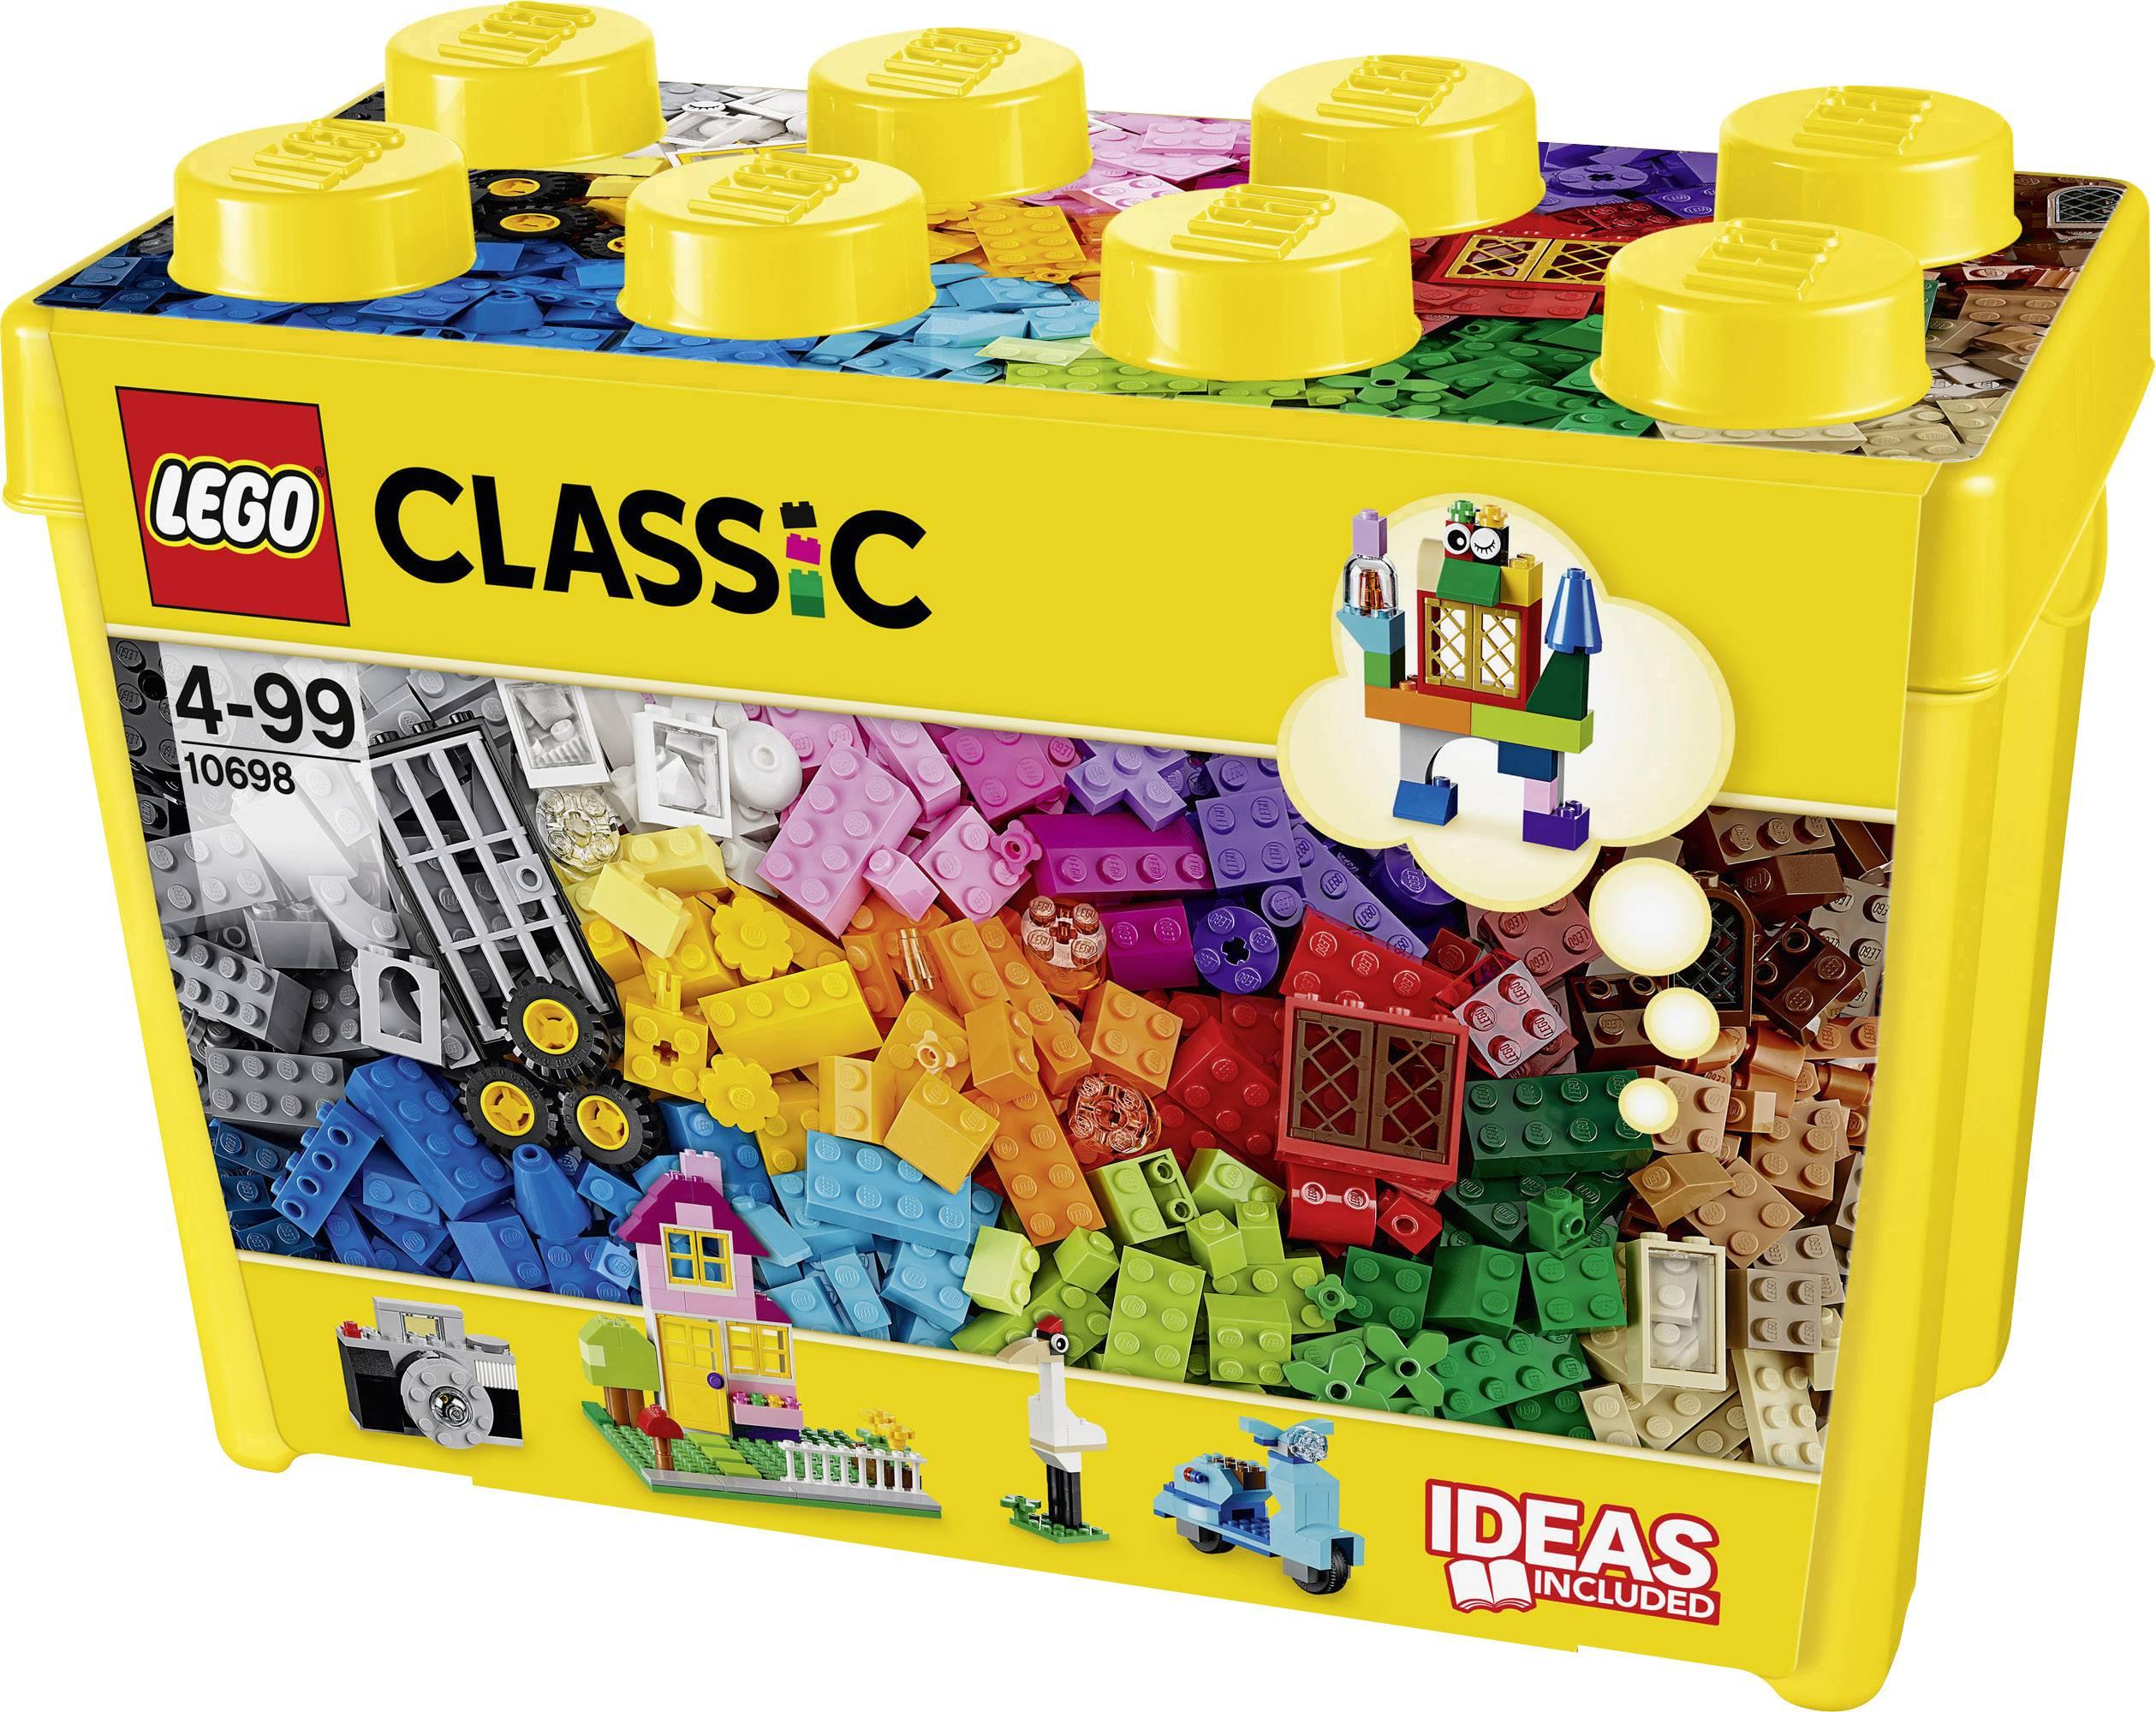 Lego Classic 10698 Large Bausteine Box Conradcom